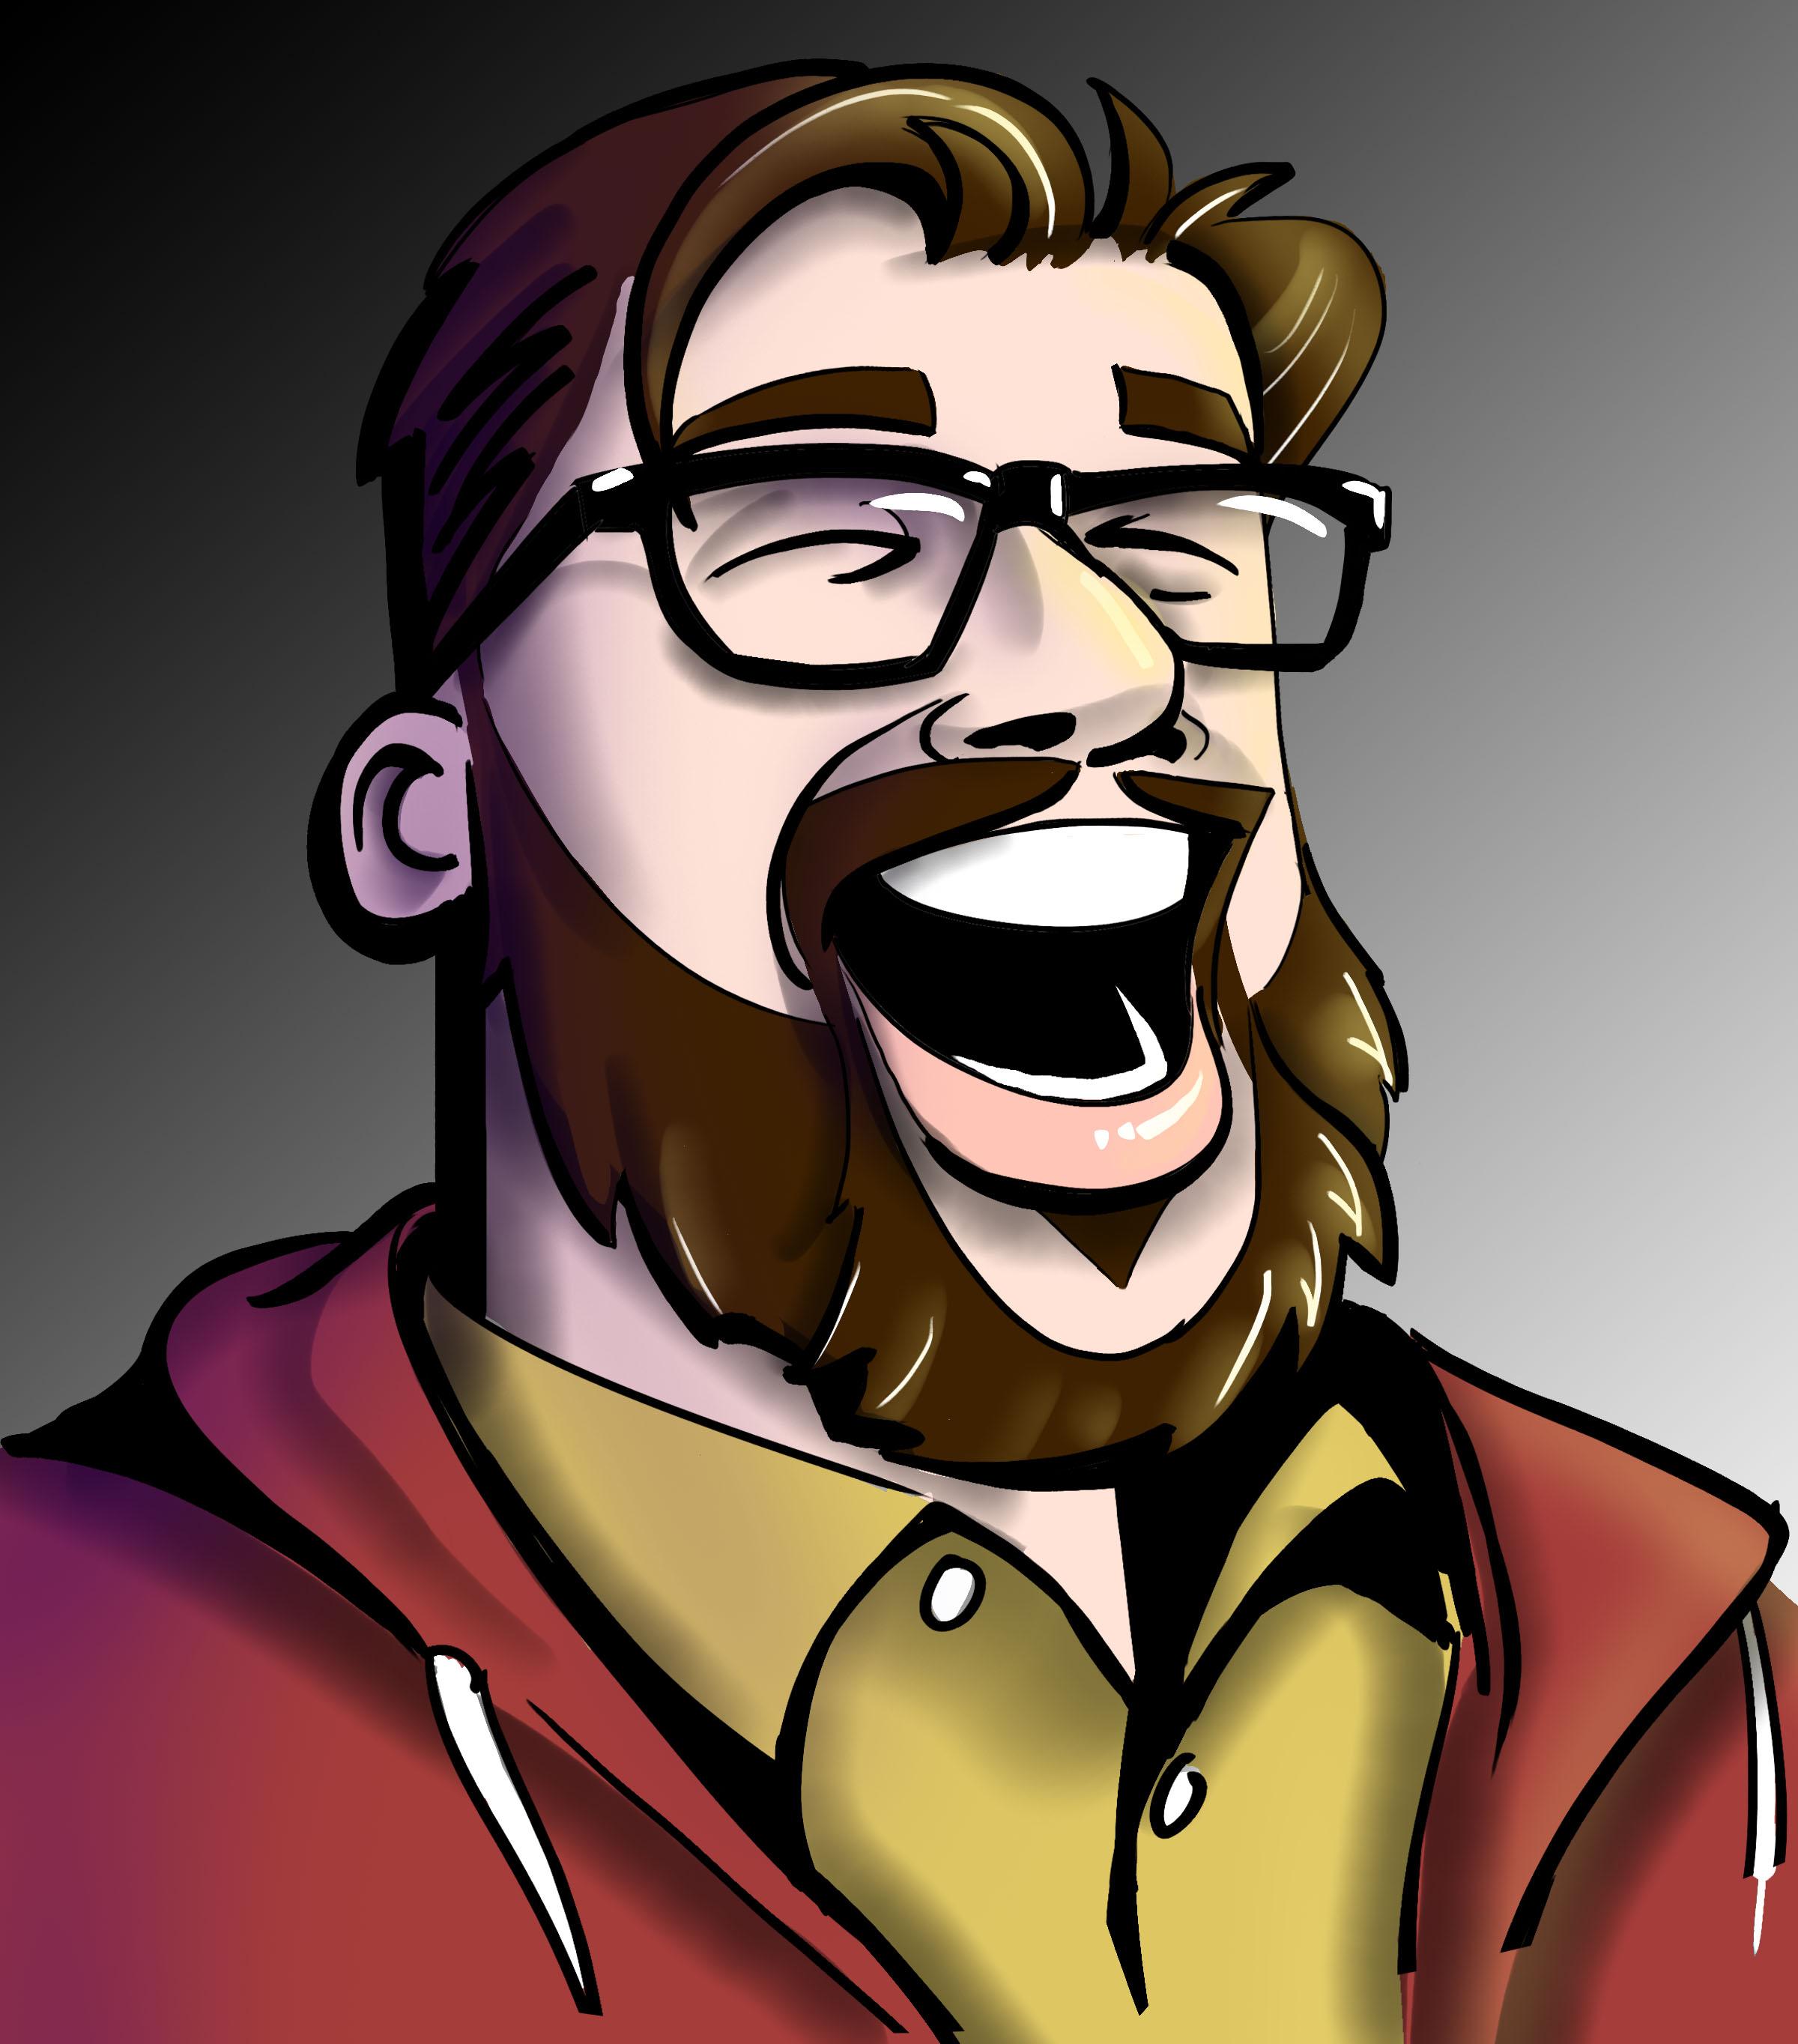 Andrew caricature